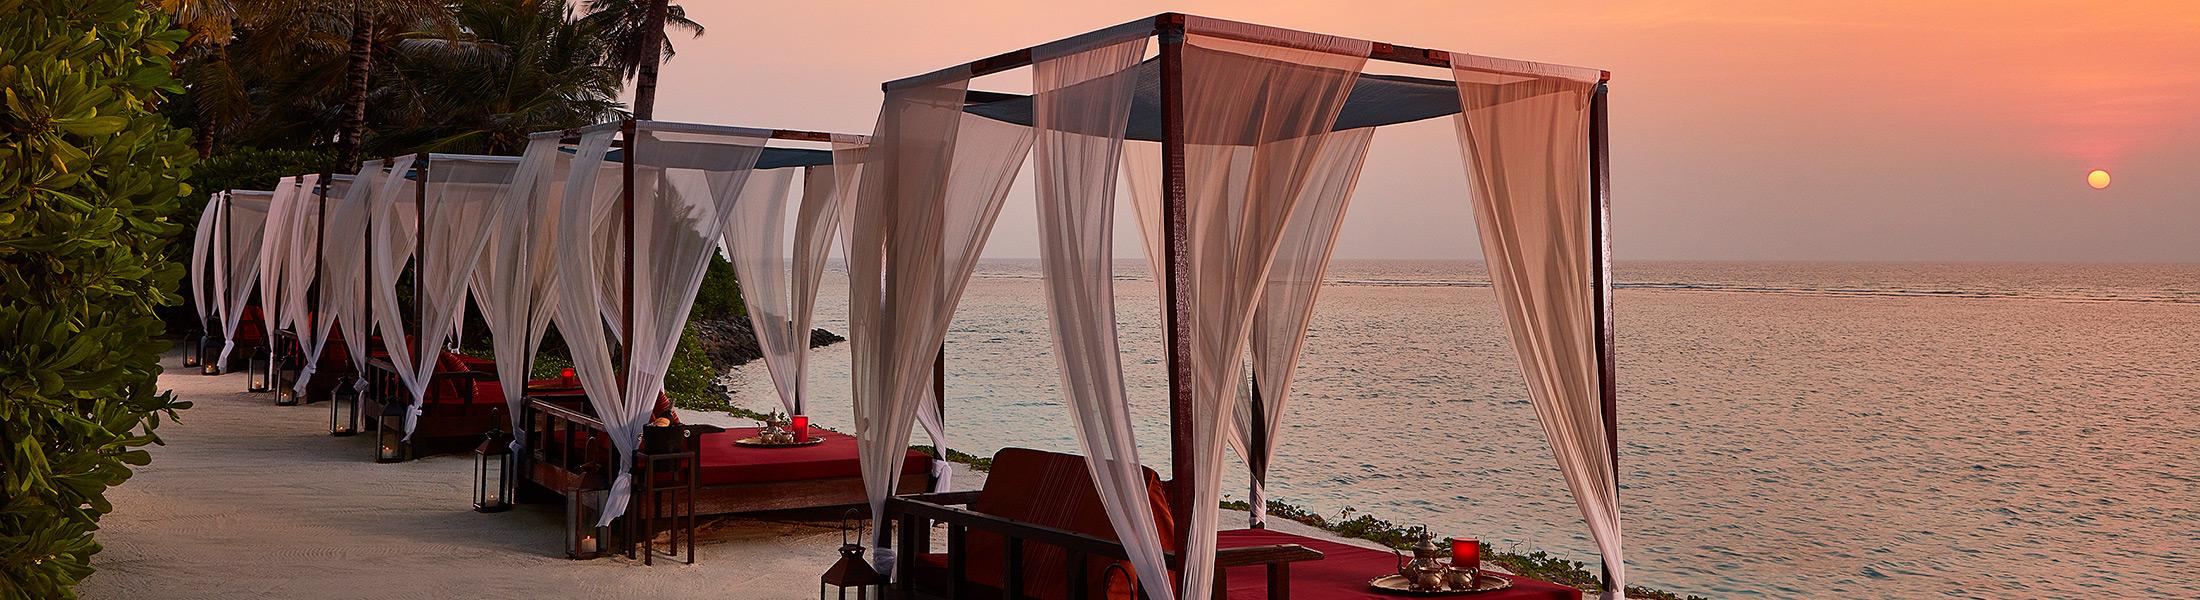 Cabanas at sunset at One&Only Reethi Rah